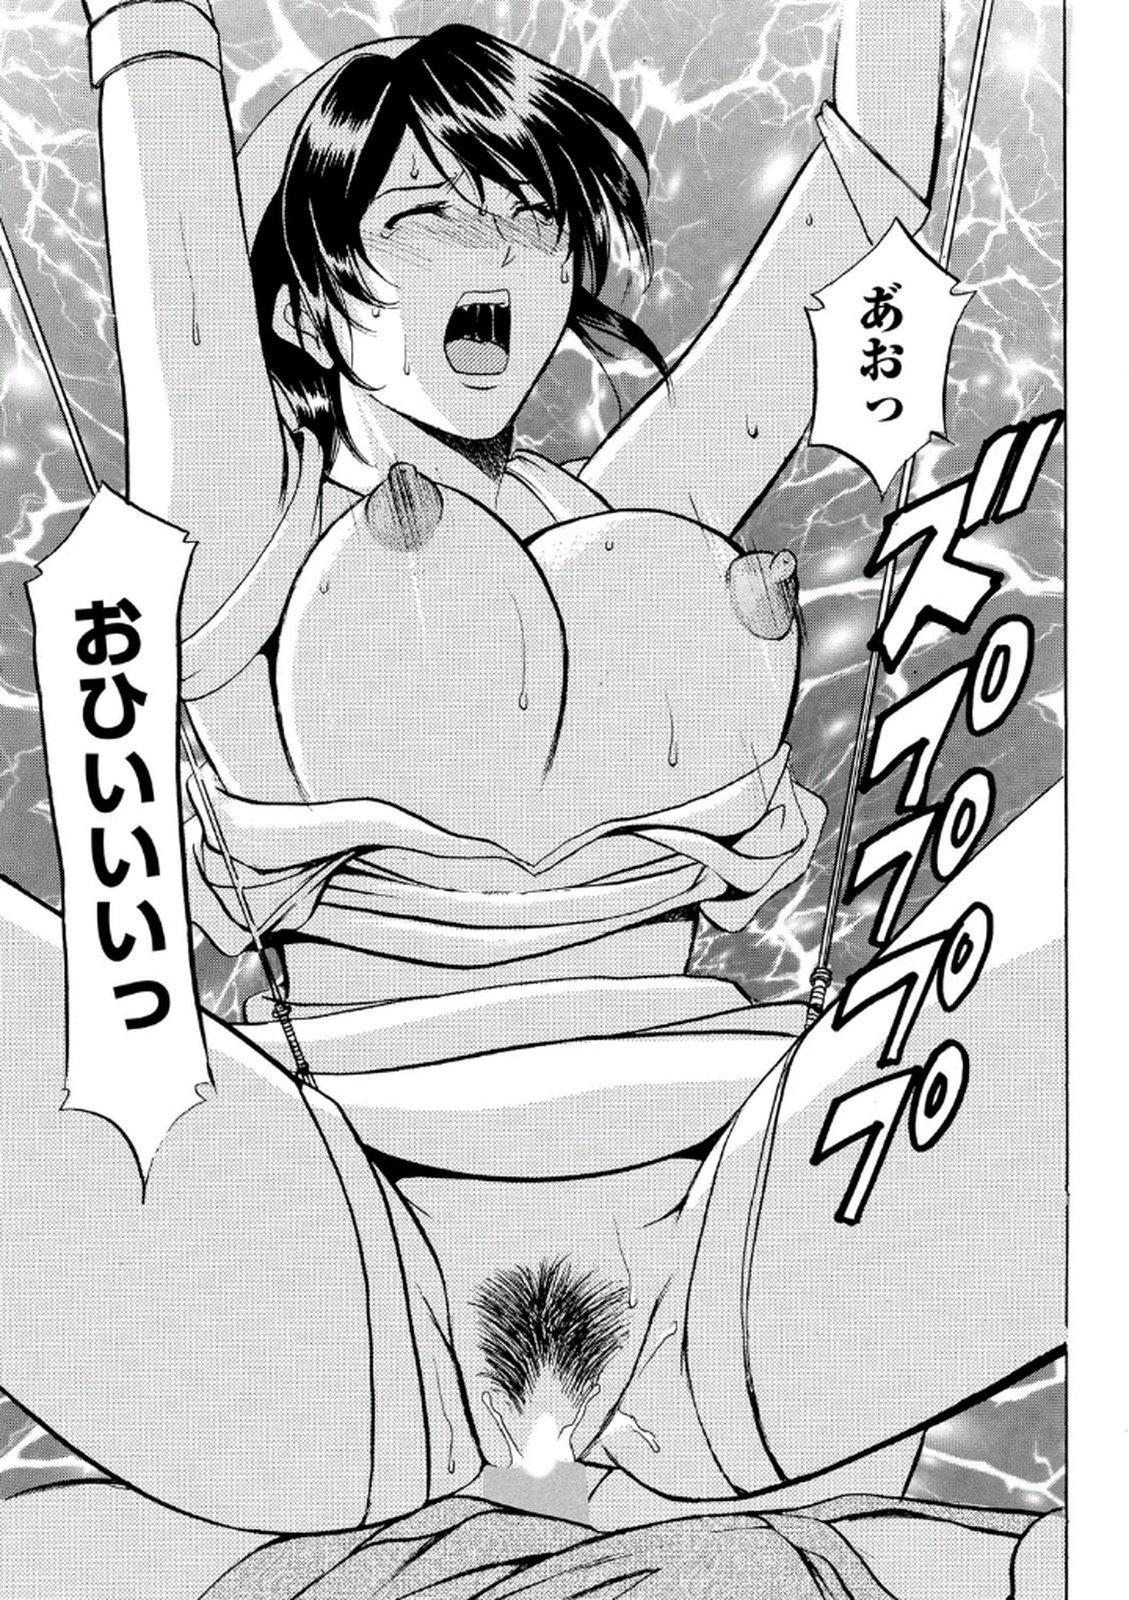 Chijoku Byoutou 108